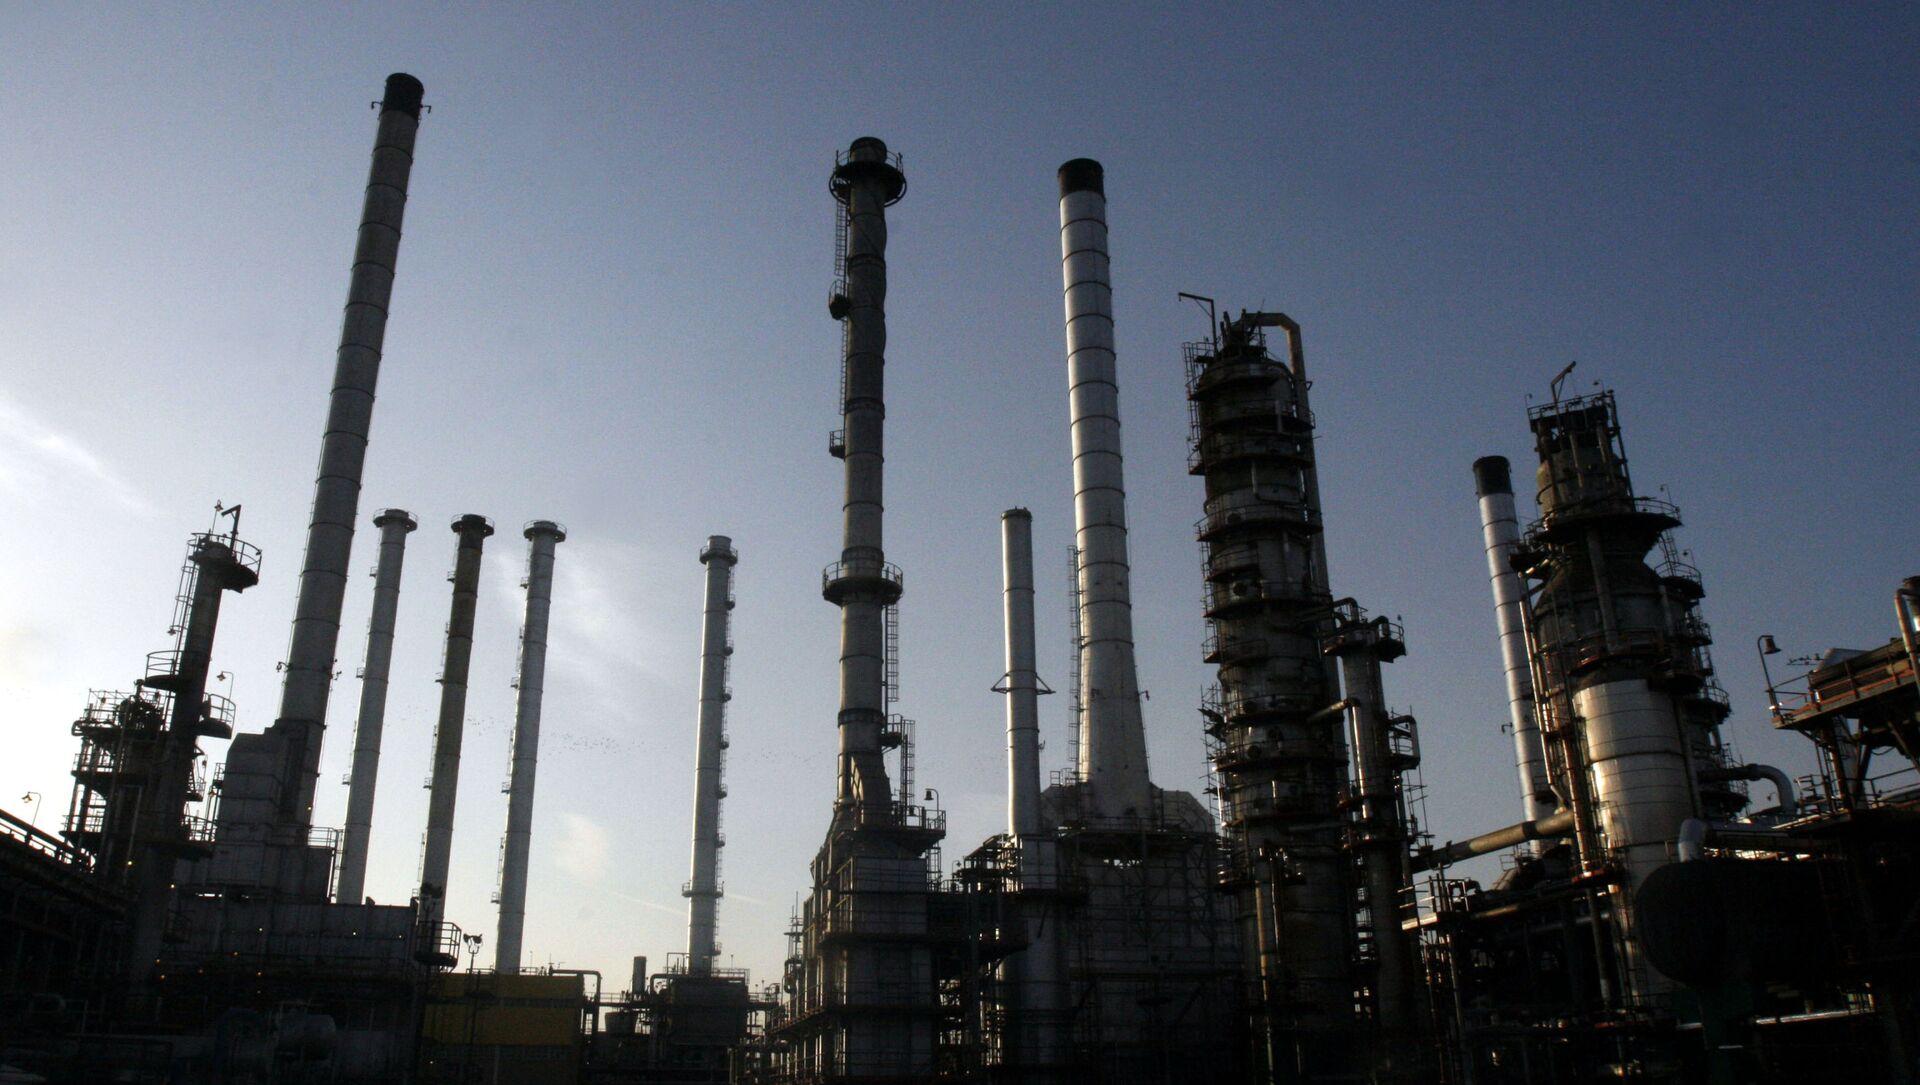 Impianto petrolifero a Teheran, Iran - Sputnik Italia, 1920, 08.02.2021